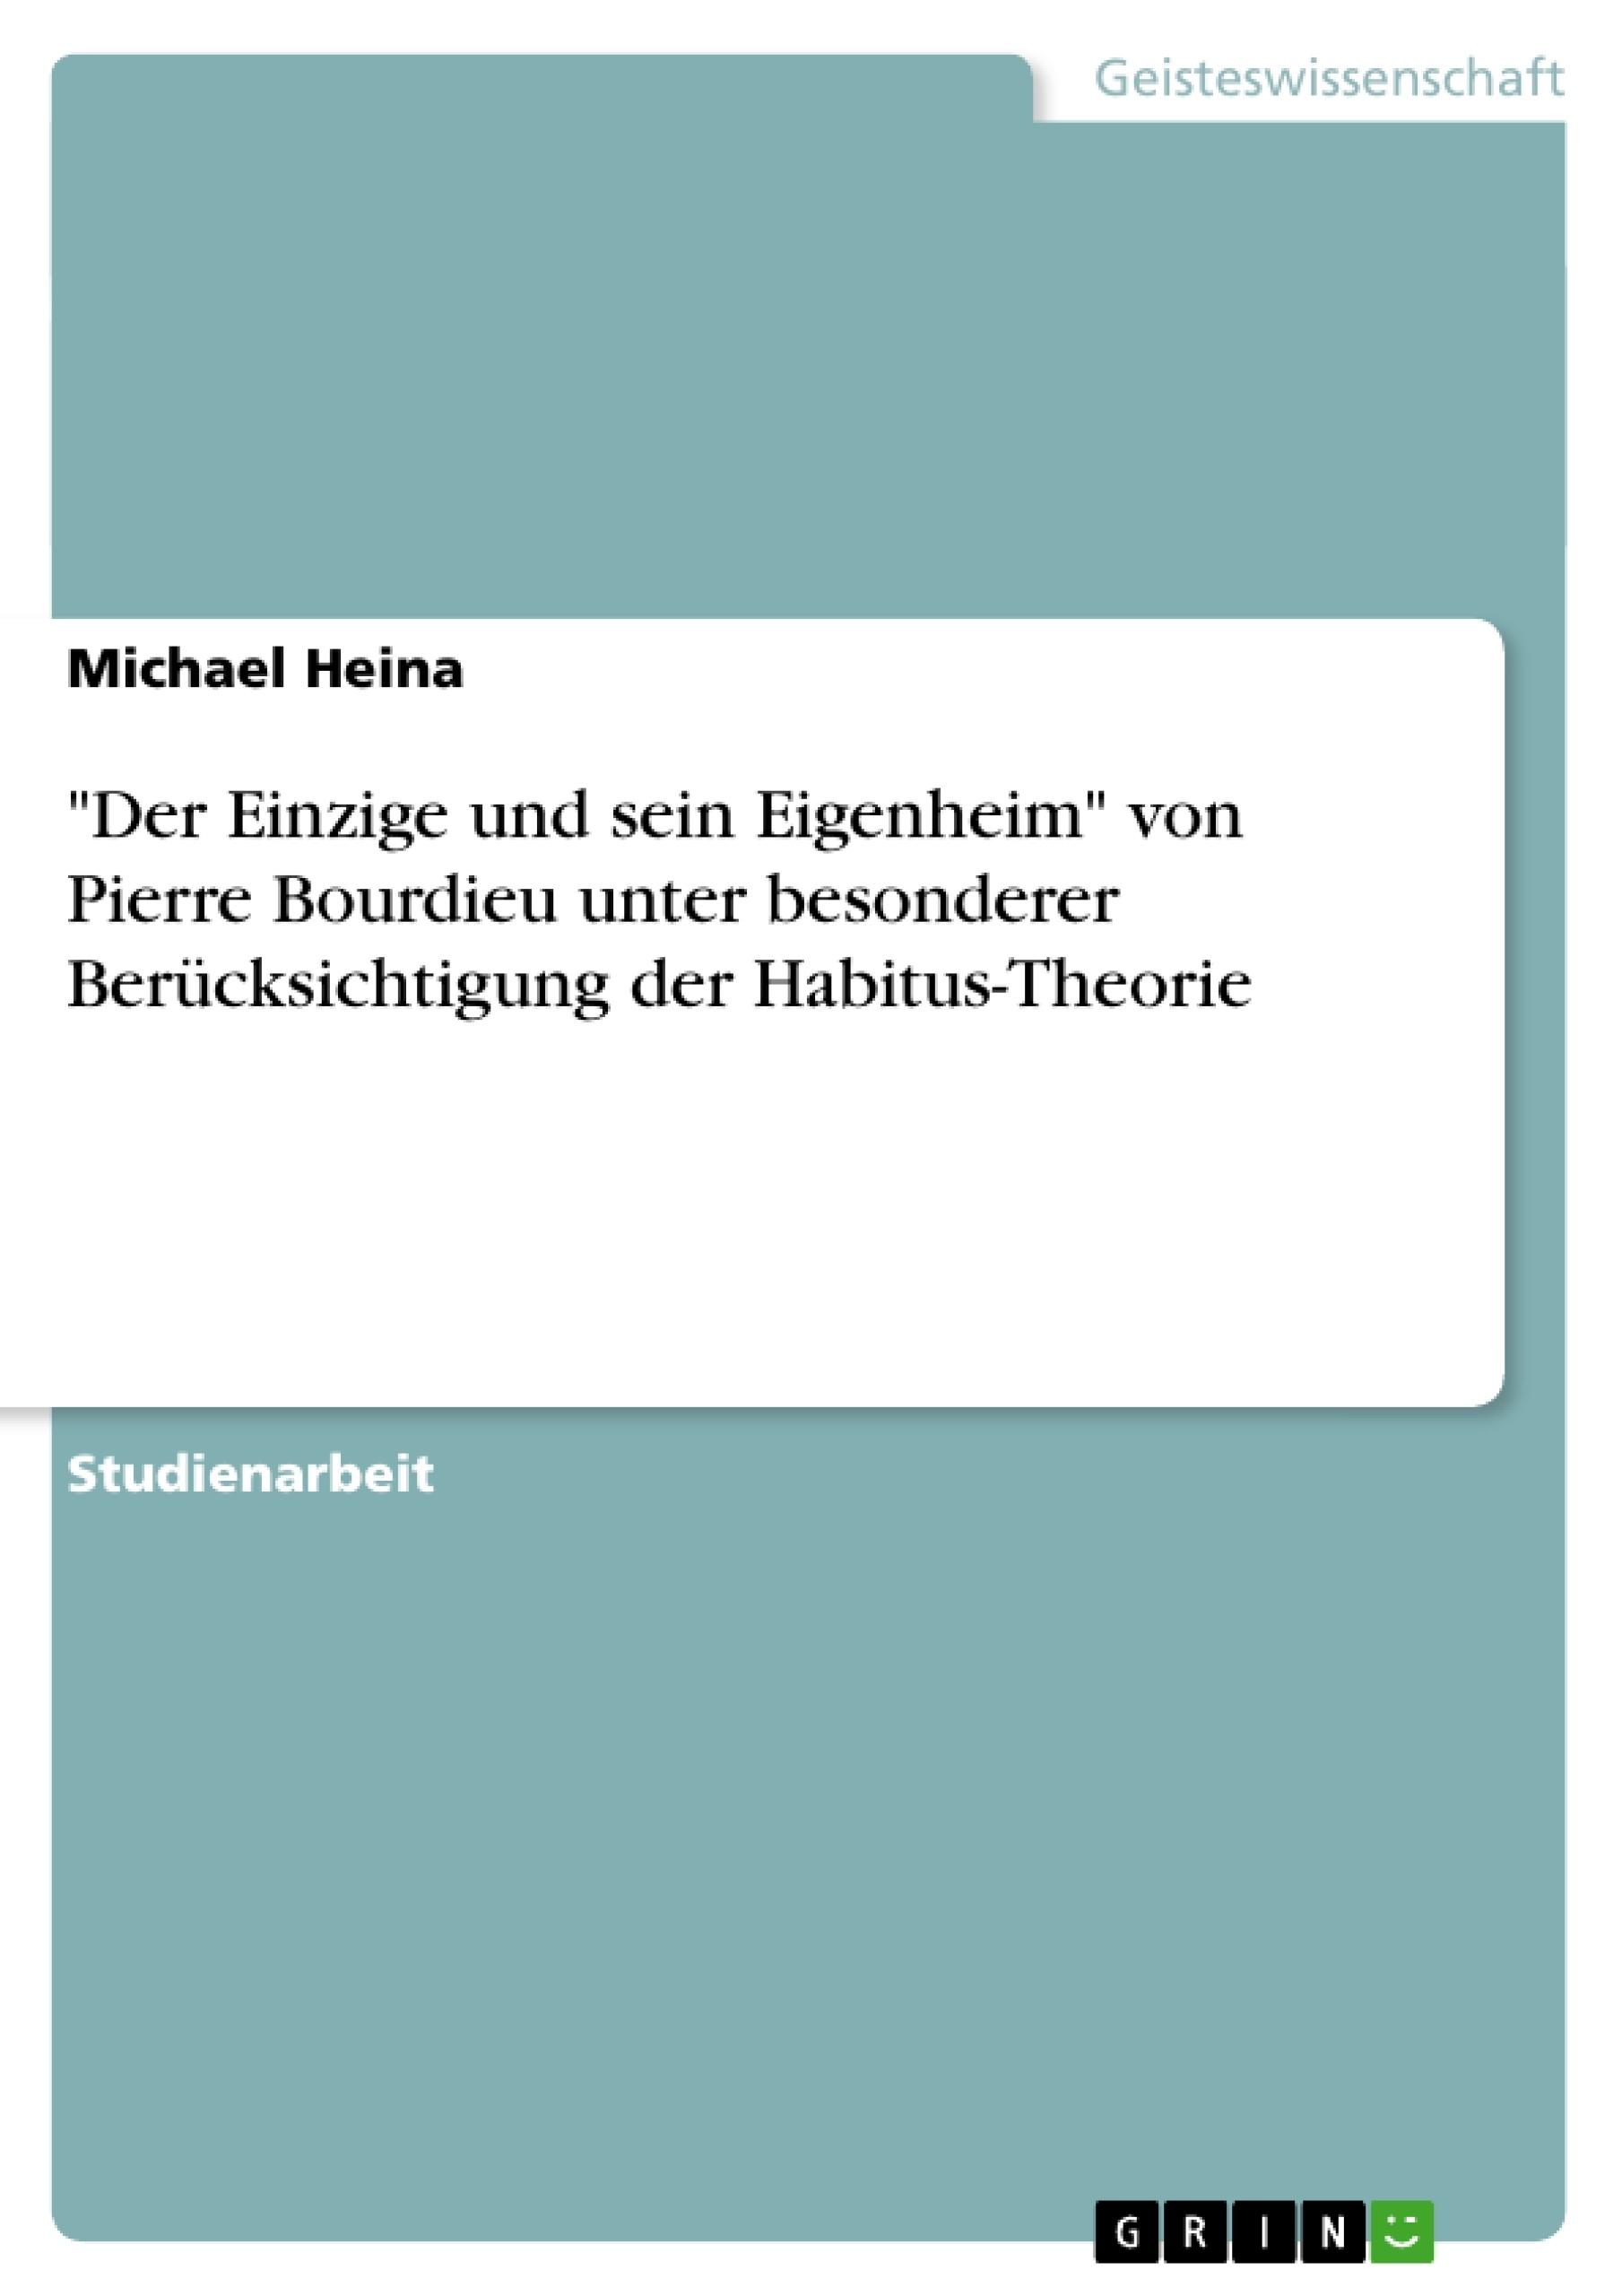 """Titel: """"Der Einzige und sein Eigenheim"""" von Pierre Bourdieu unter besonderer Berücksichtigung der Habitus-Theorie"""